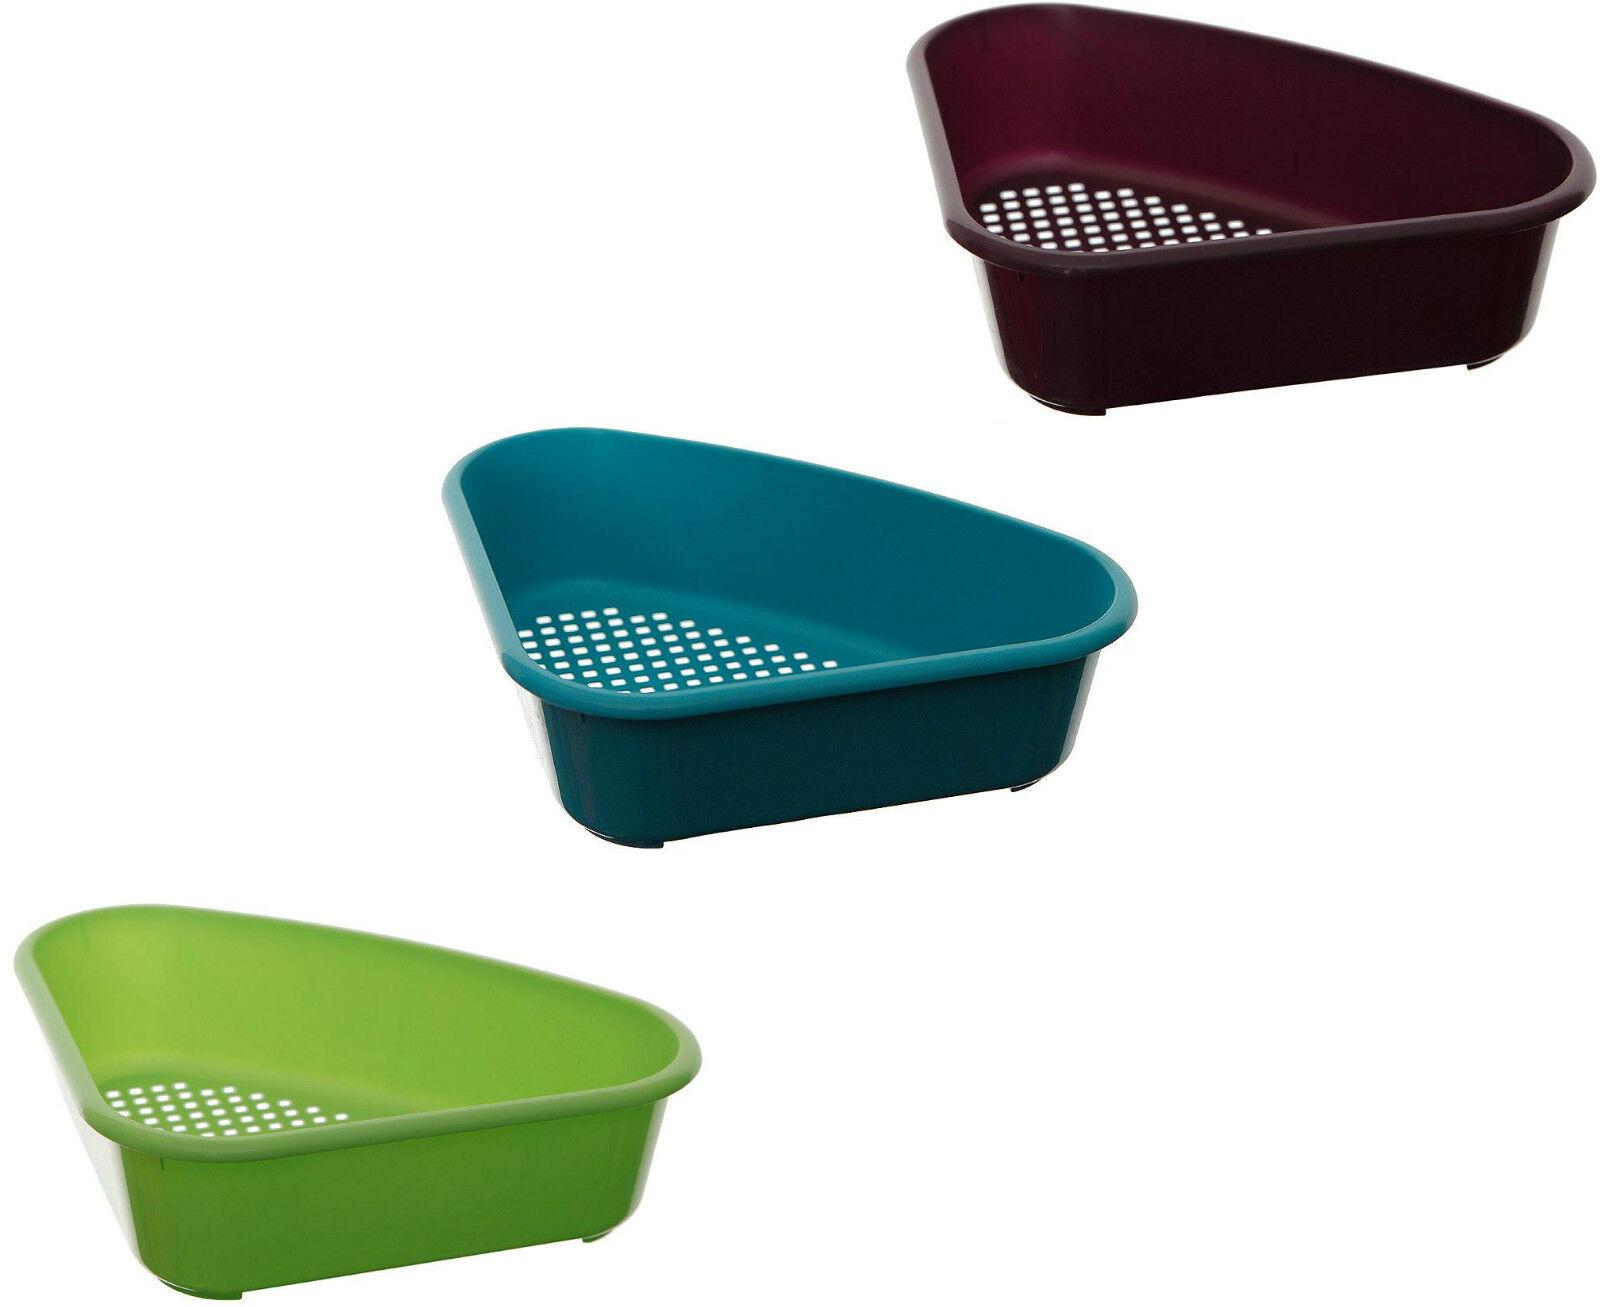 Details about Small Corner Sink Tidy Plastic Triangular Organiser Drainer Kitchen Bath Caddy